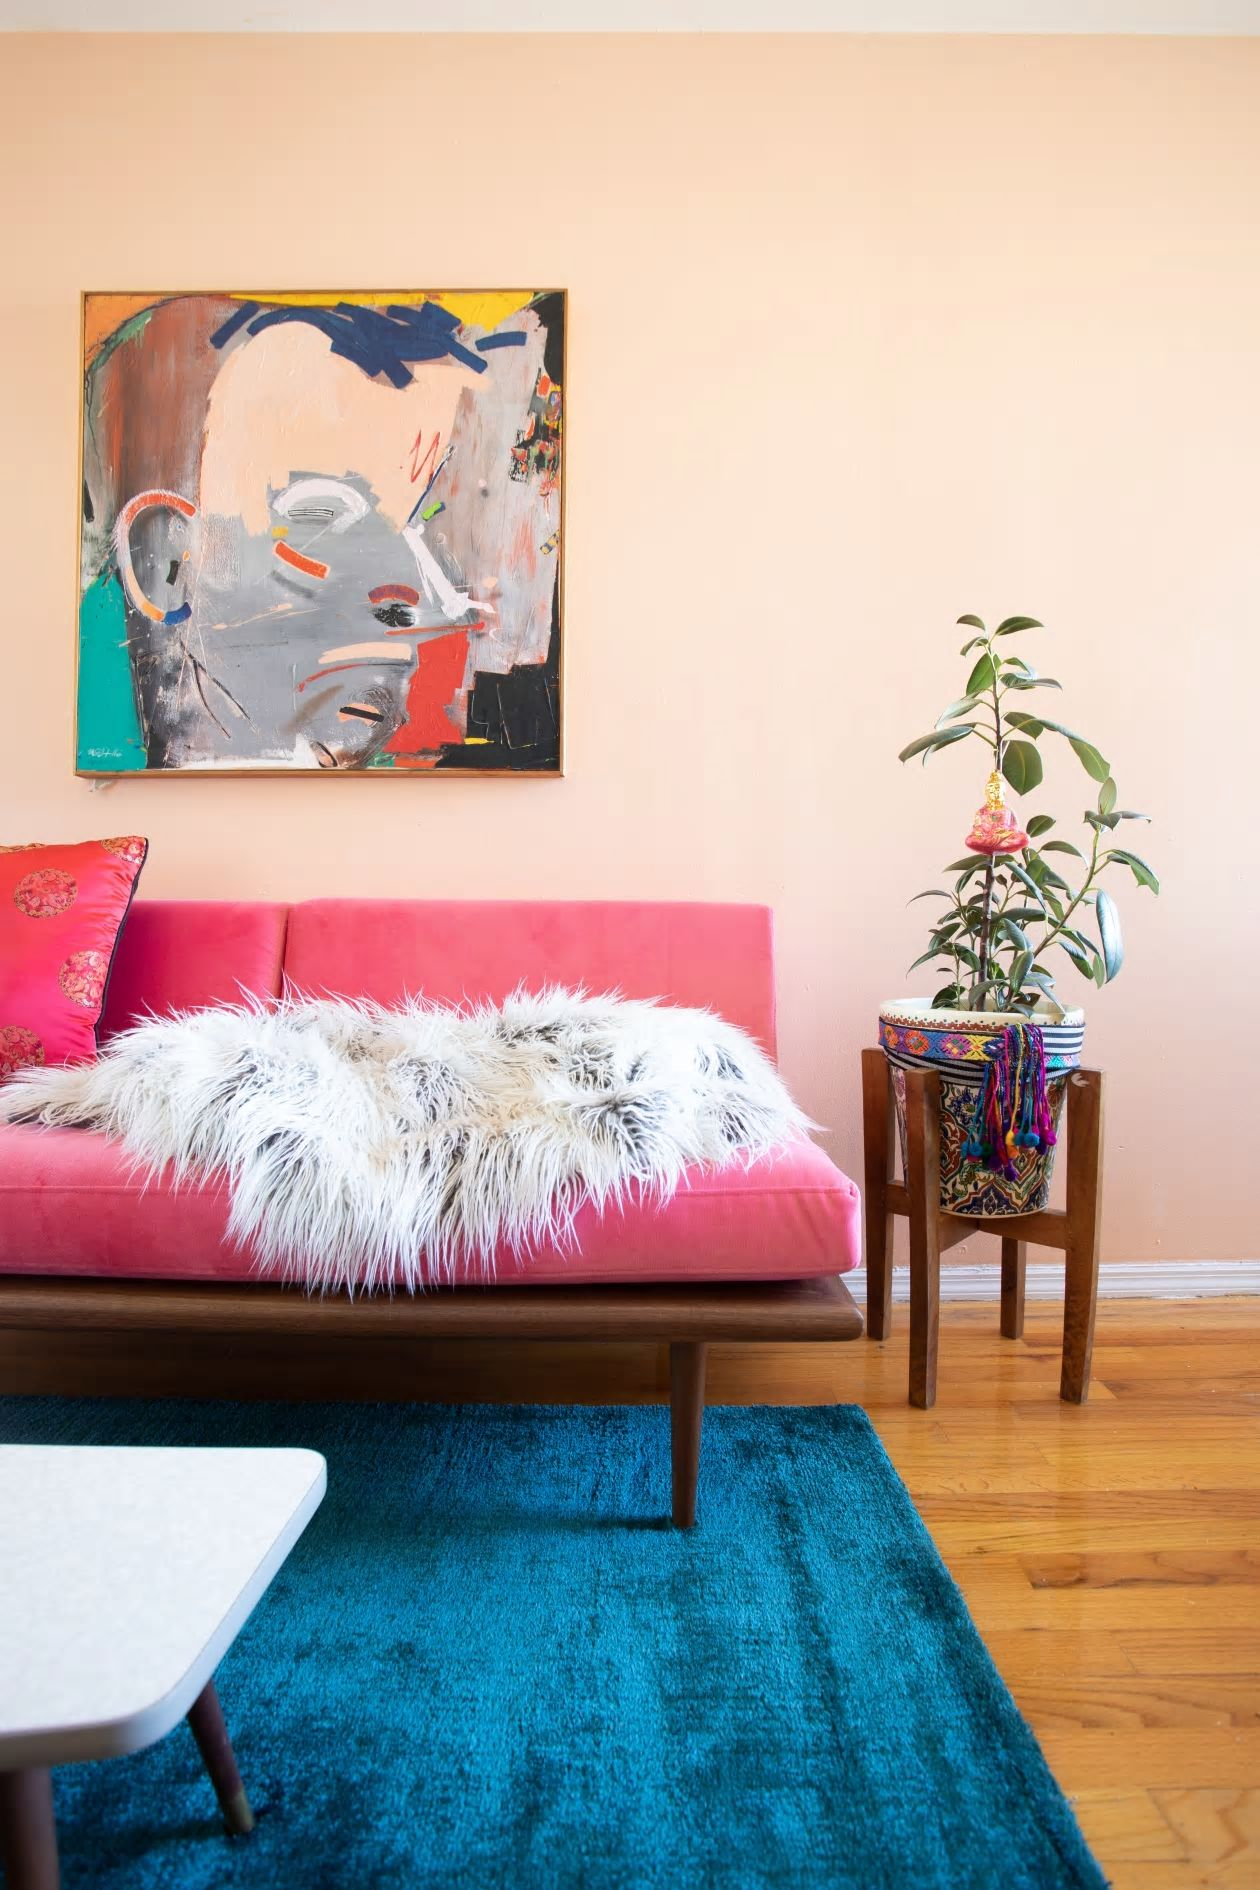 Căn hộ nhỏ 37m2 ở Brooklyn sử dụng những màu sắc đáng kinh ngạc trong trang trí nội thất - Ảnh 10.